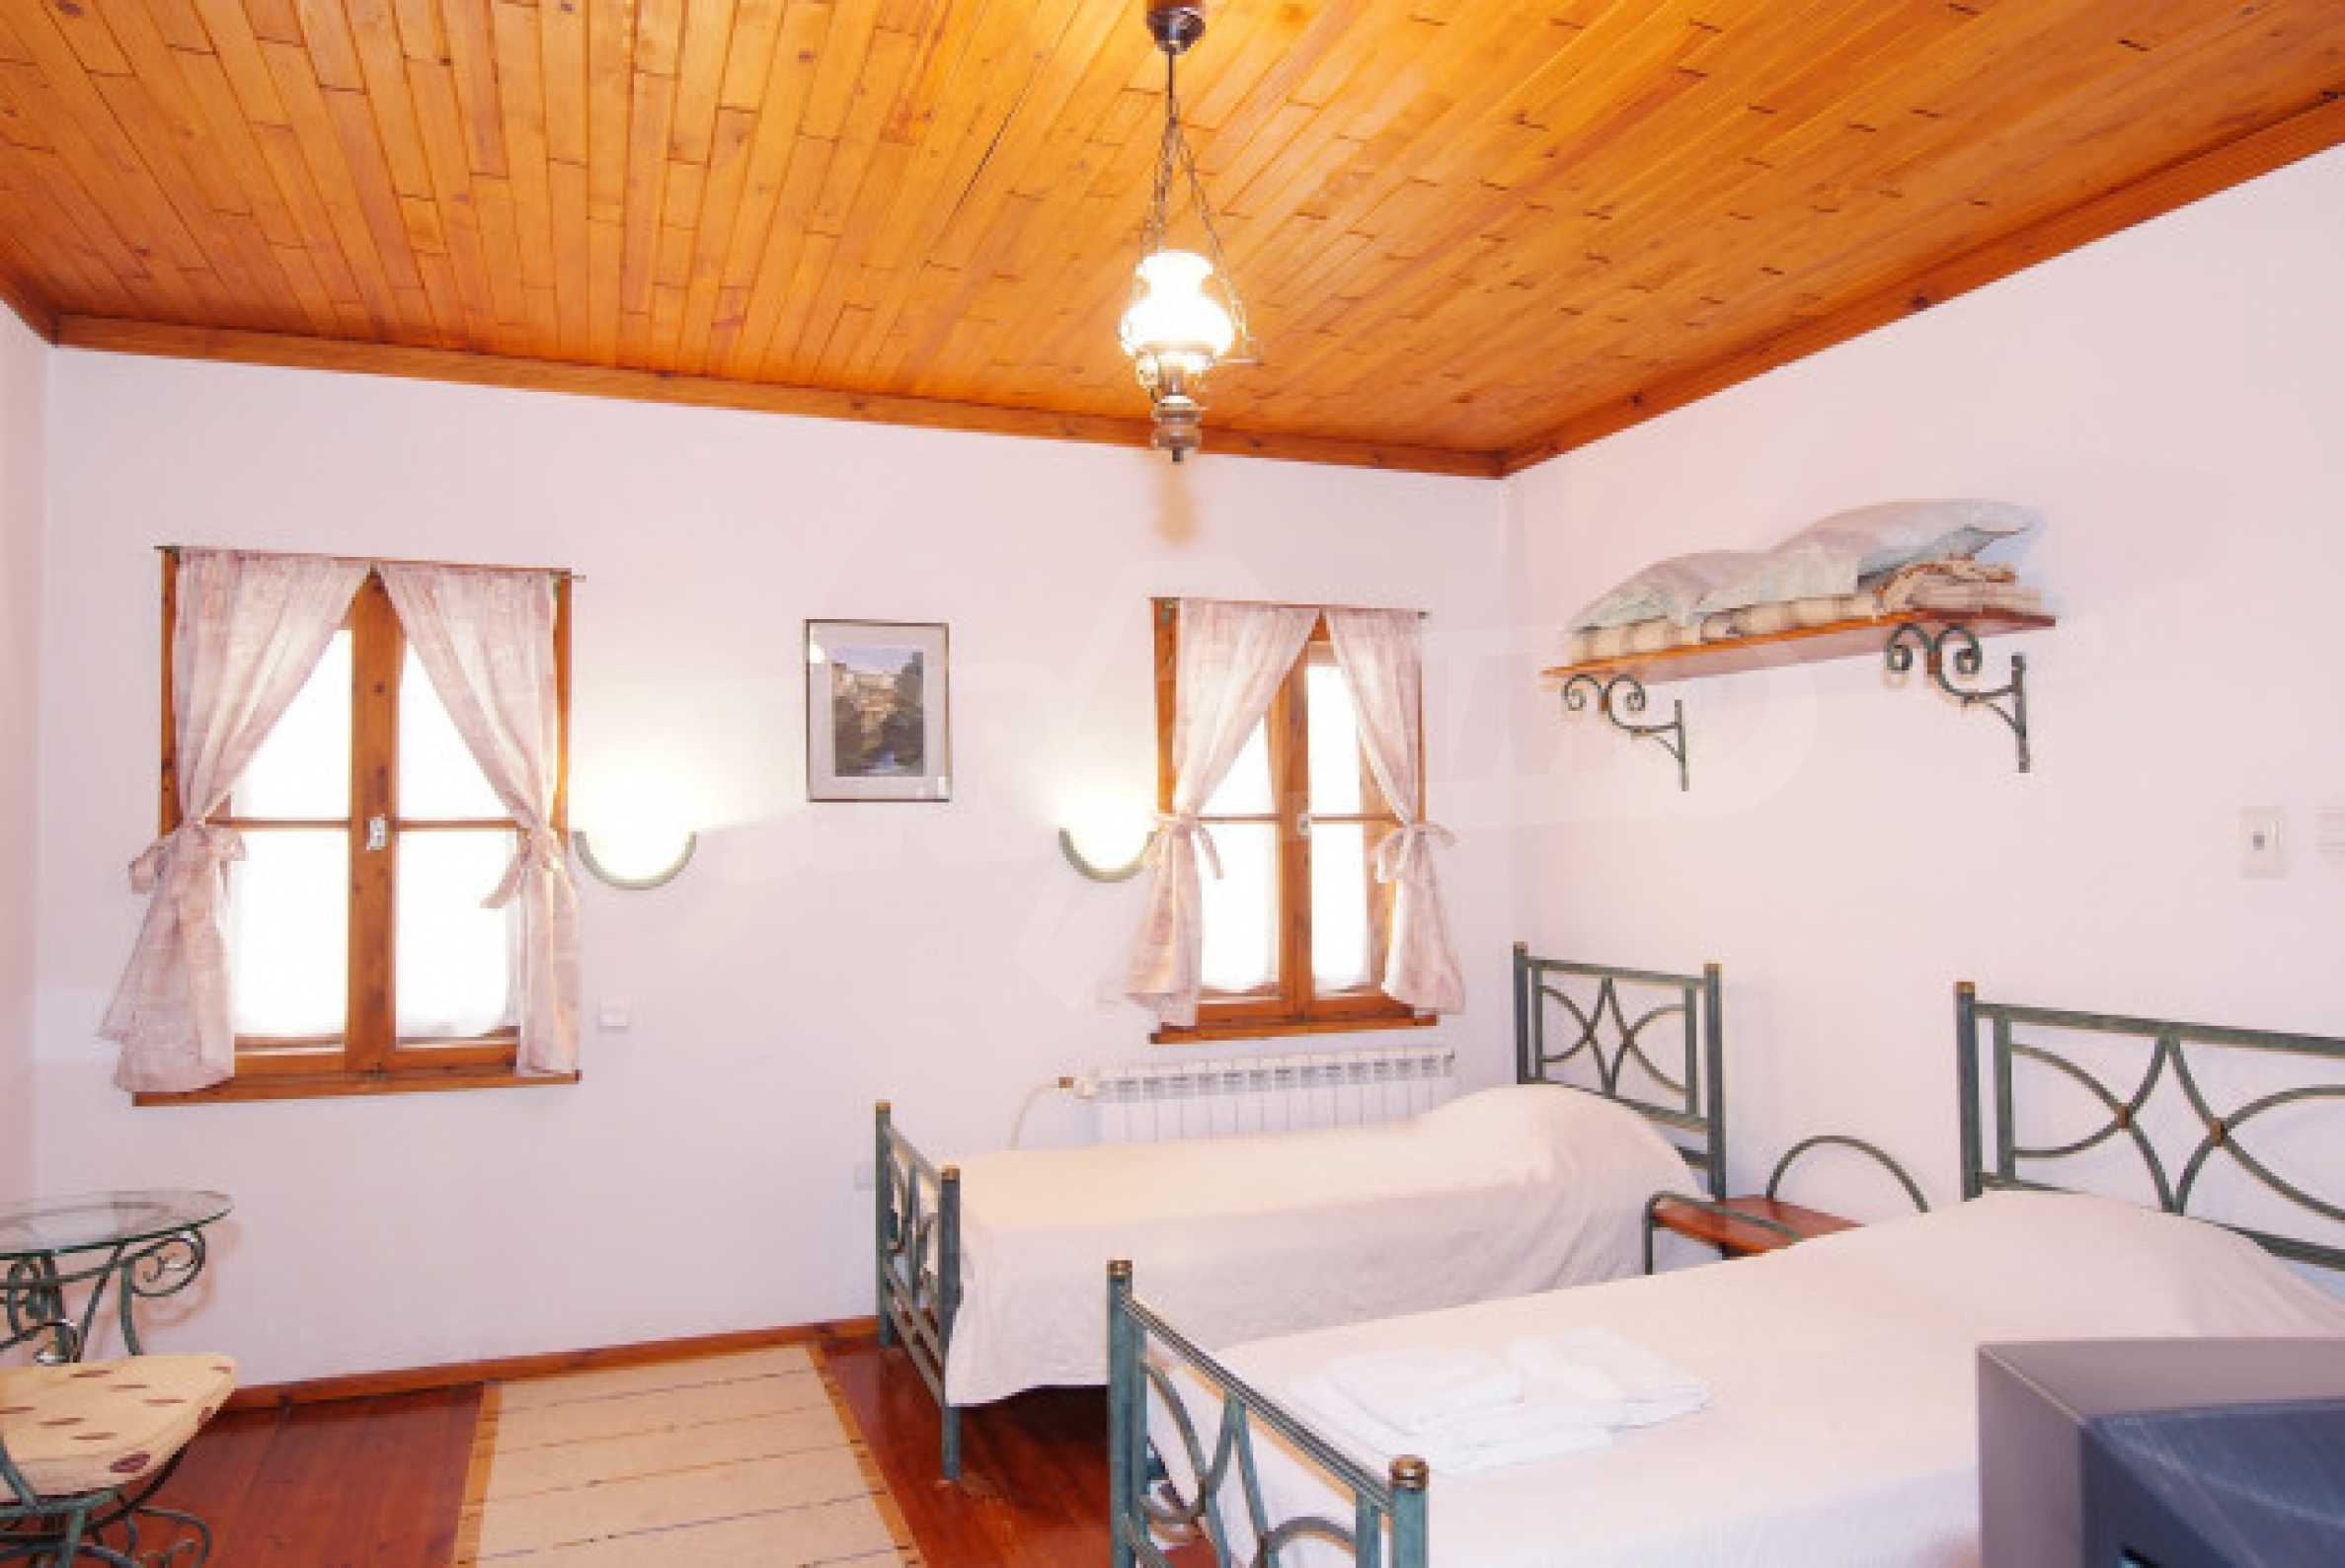 Гостиница, Отель в г. Мелник 21